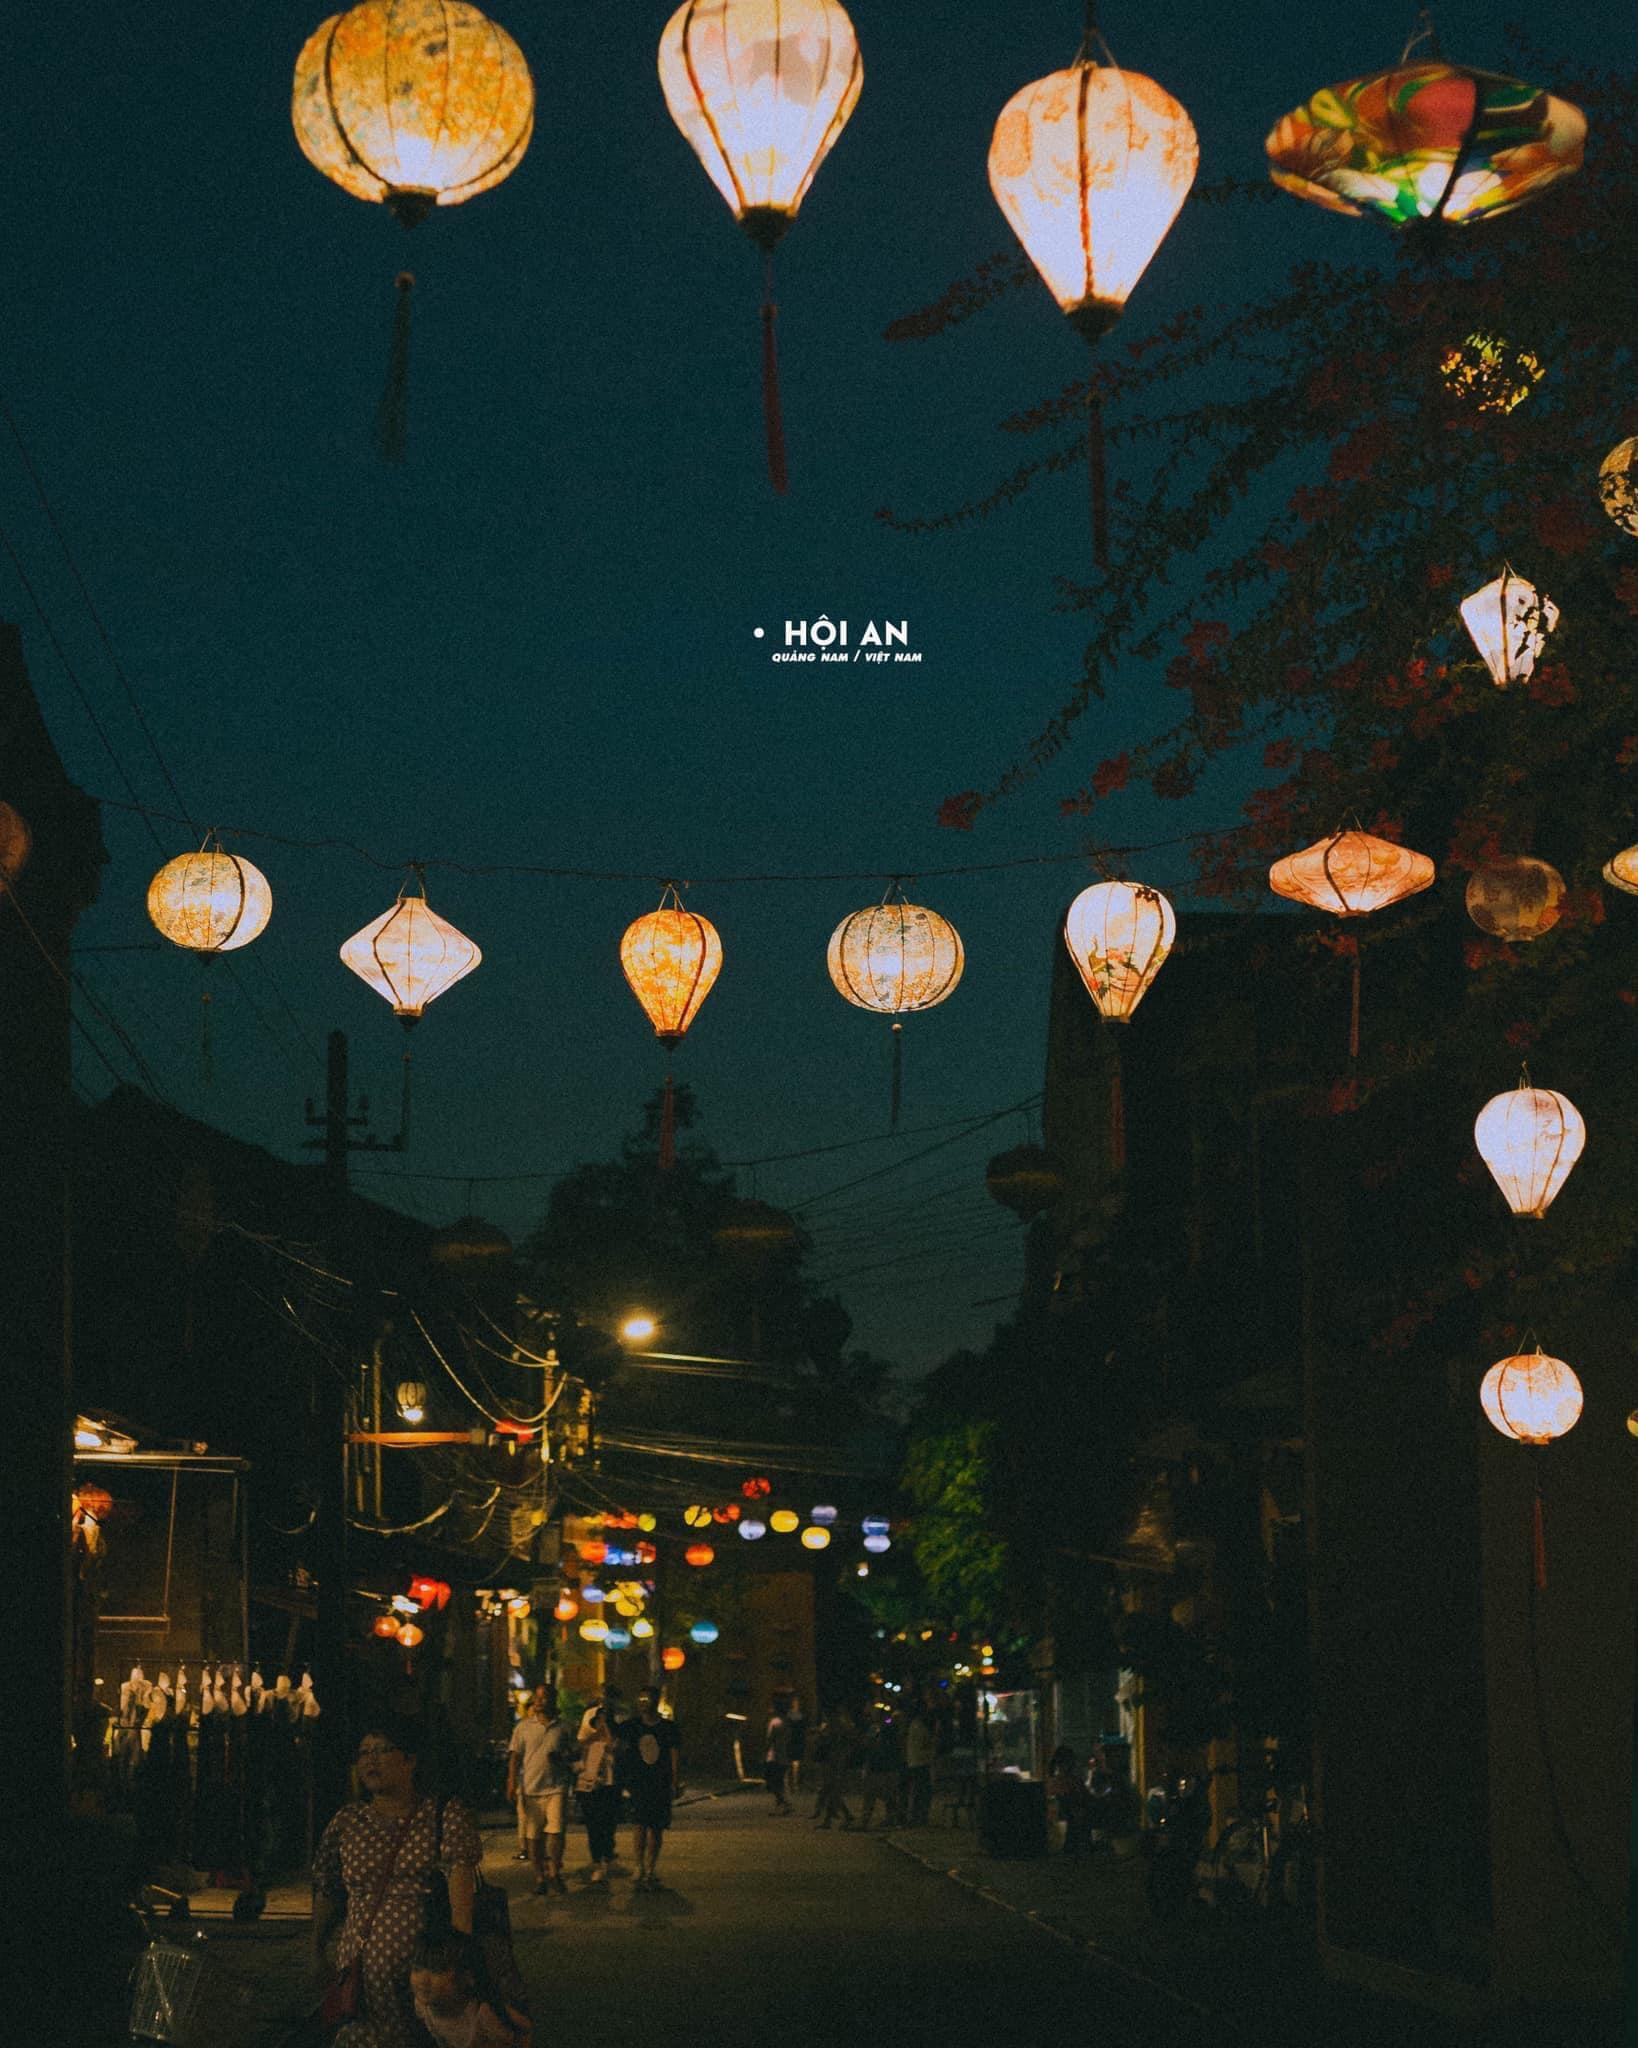 Hình ảnh Hội An về đêm đẹp nhất